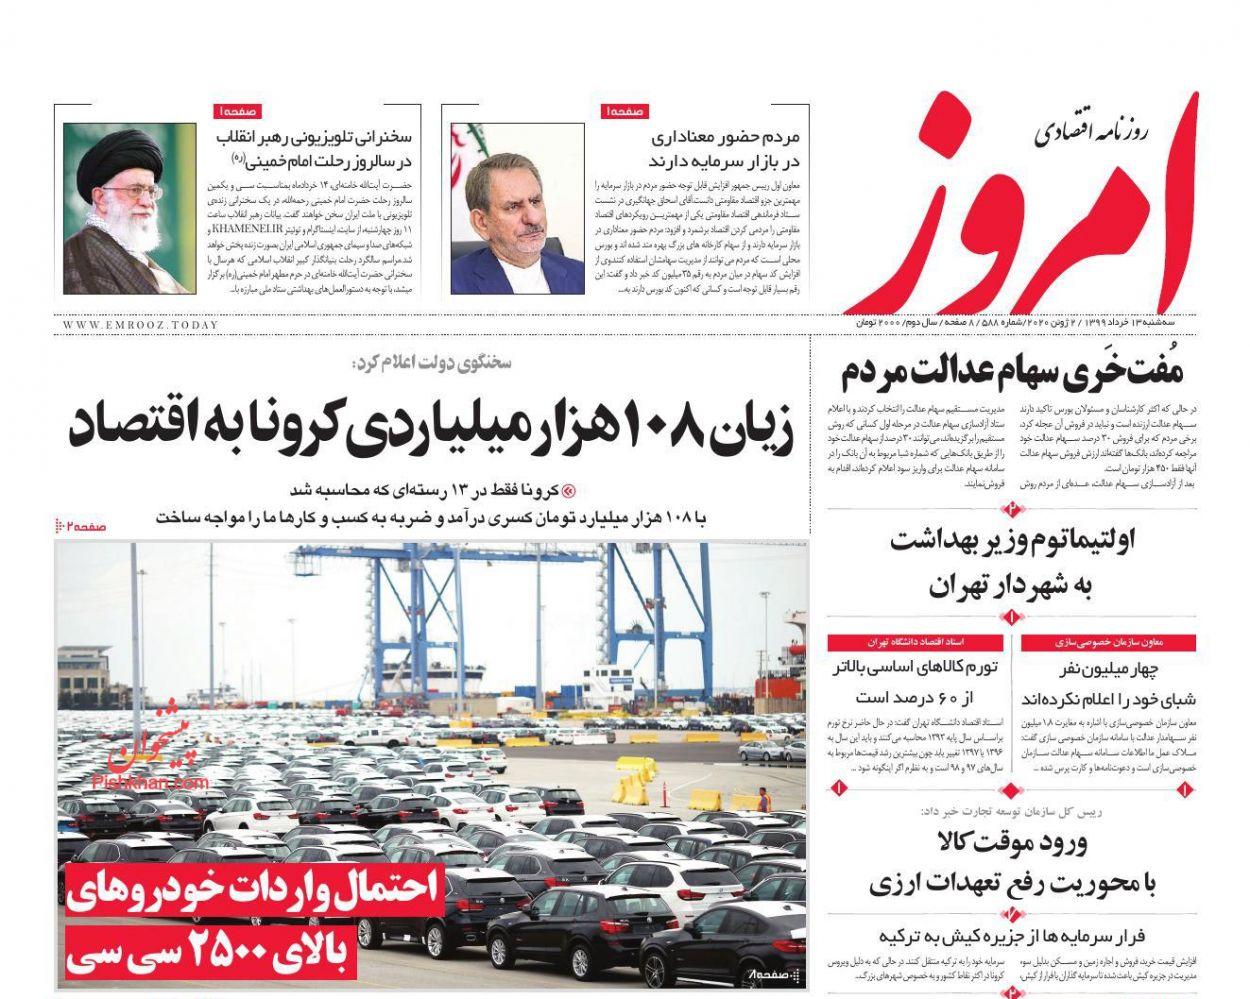 عناوین اخبار روزنامه امروز در روز سهشنبه ۱۳ خرداد